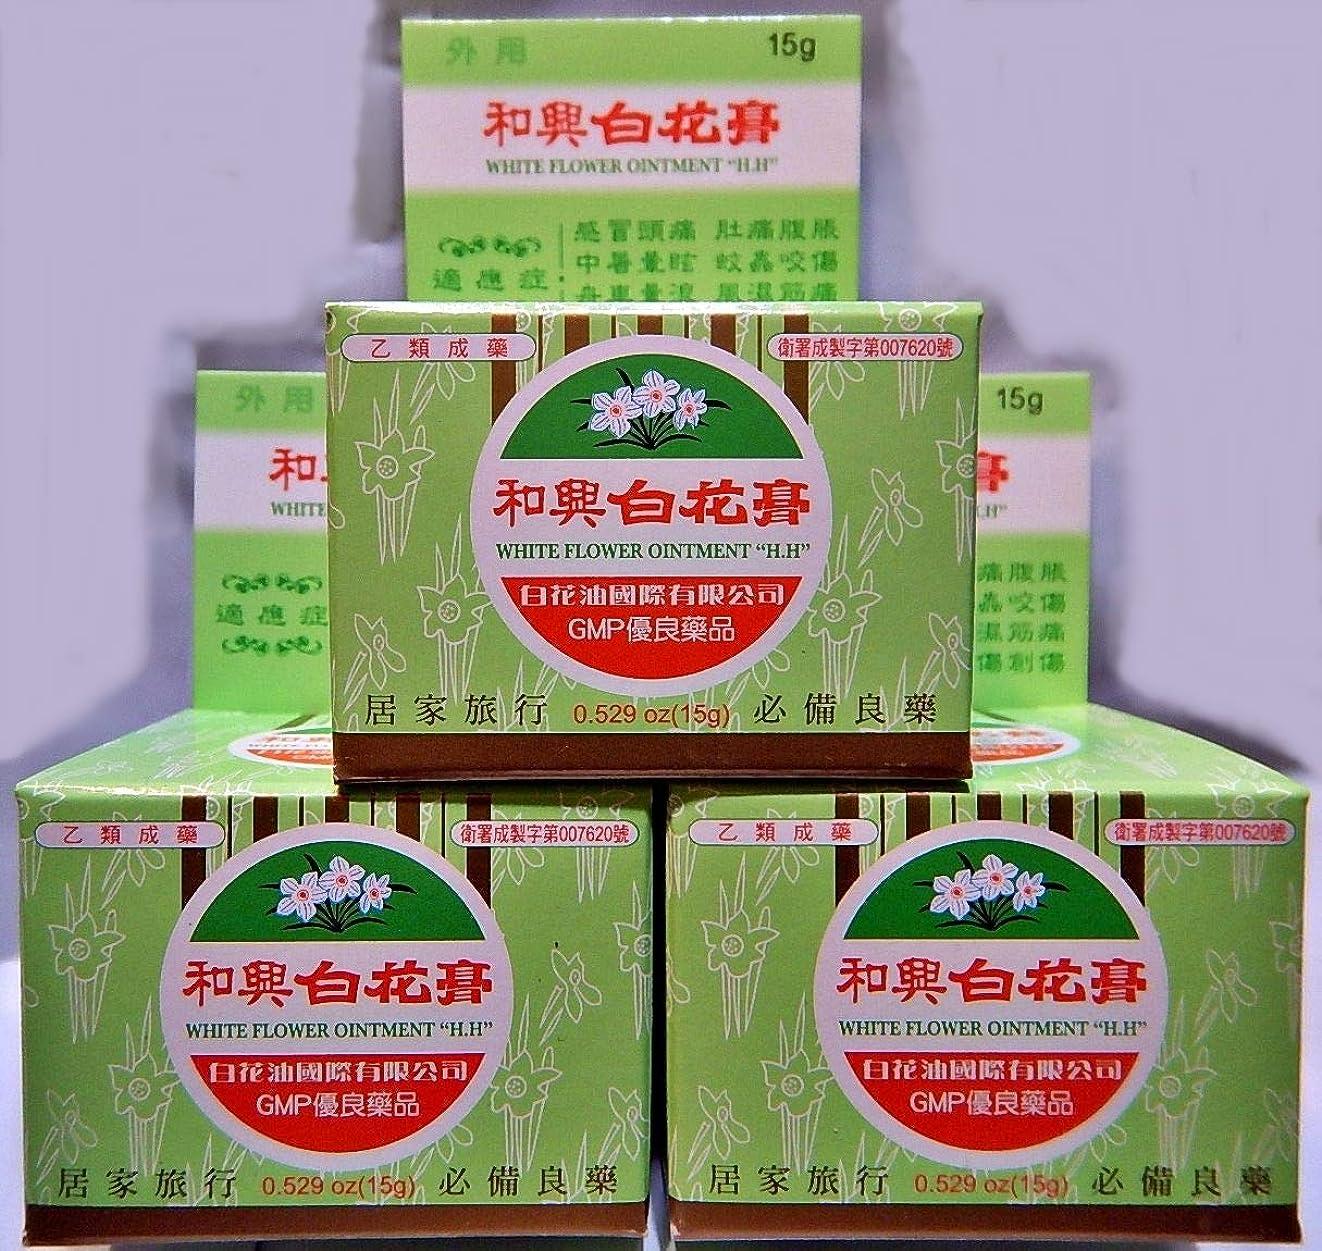 統合する支援するゾーン《和興》白花膏 15g(白花油軟膏タイプ)× 3個《台湾 お土産》 [並行輸入品]